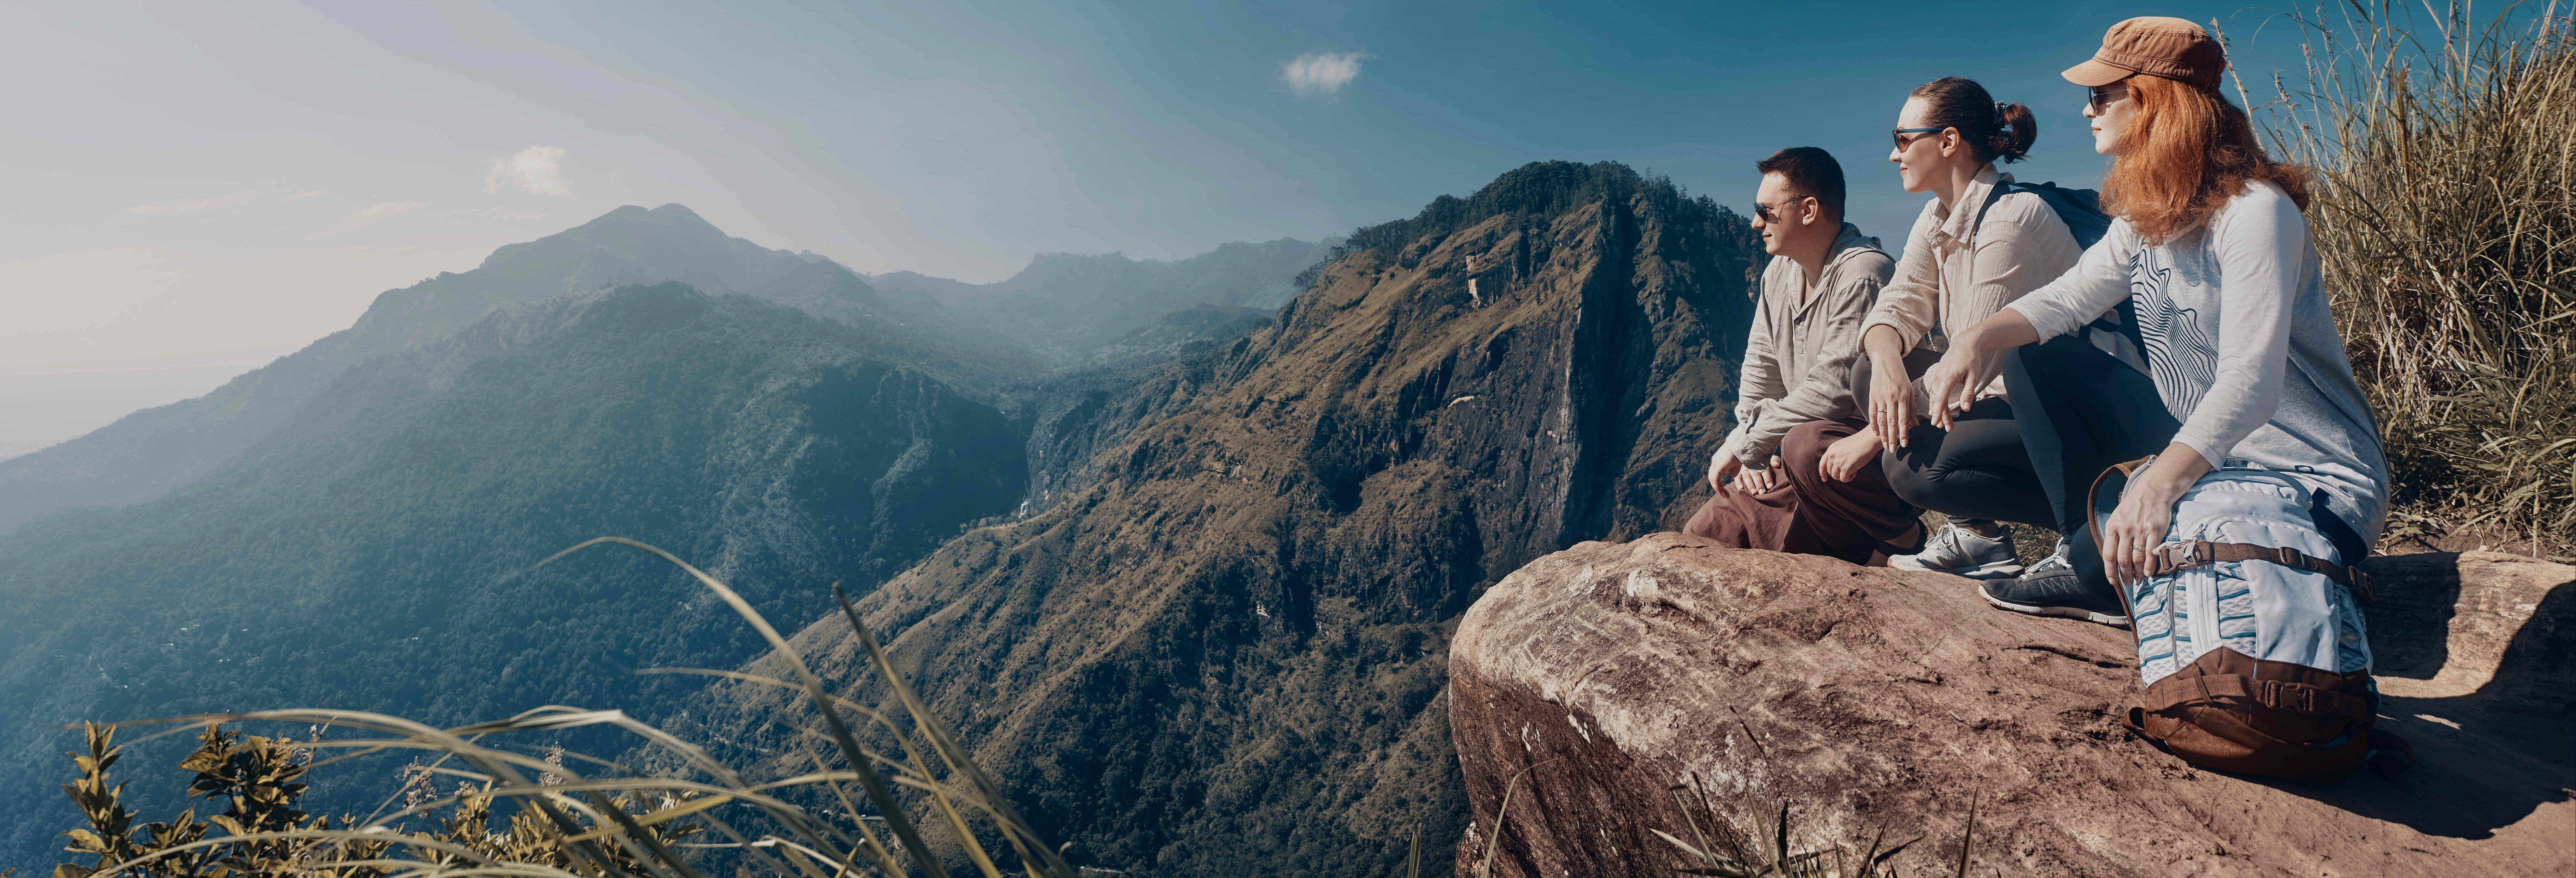 Ruta privada de trekking de 2 días por Adam's Peak